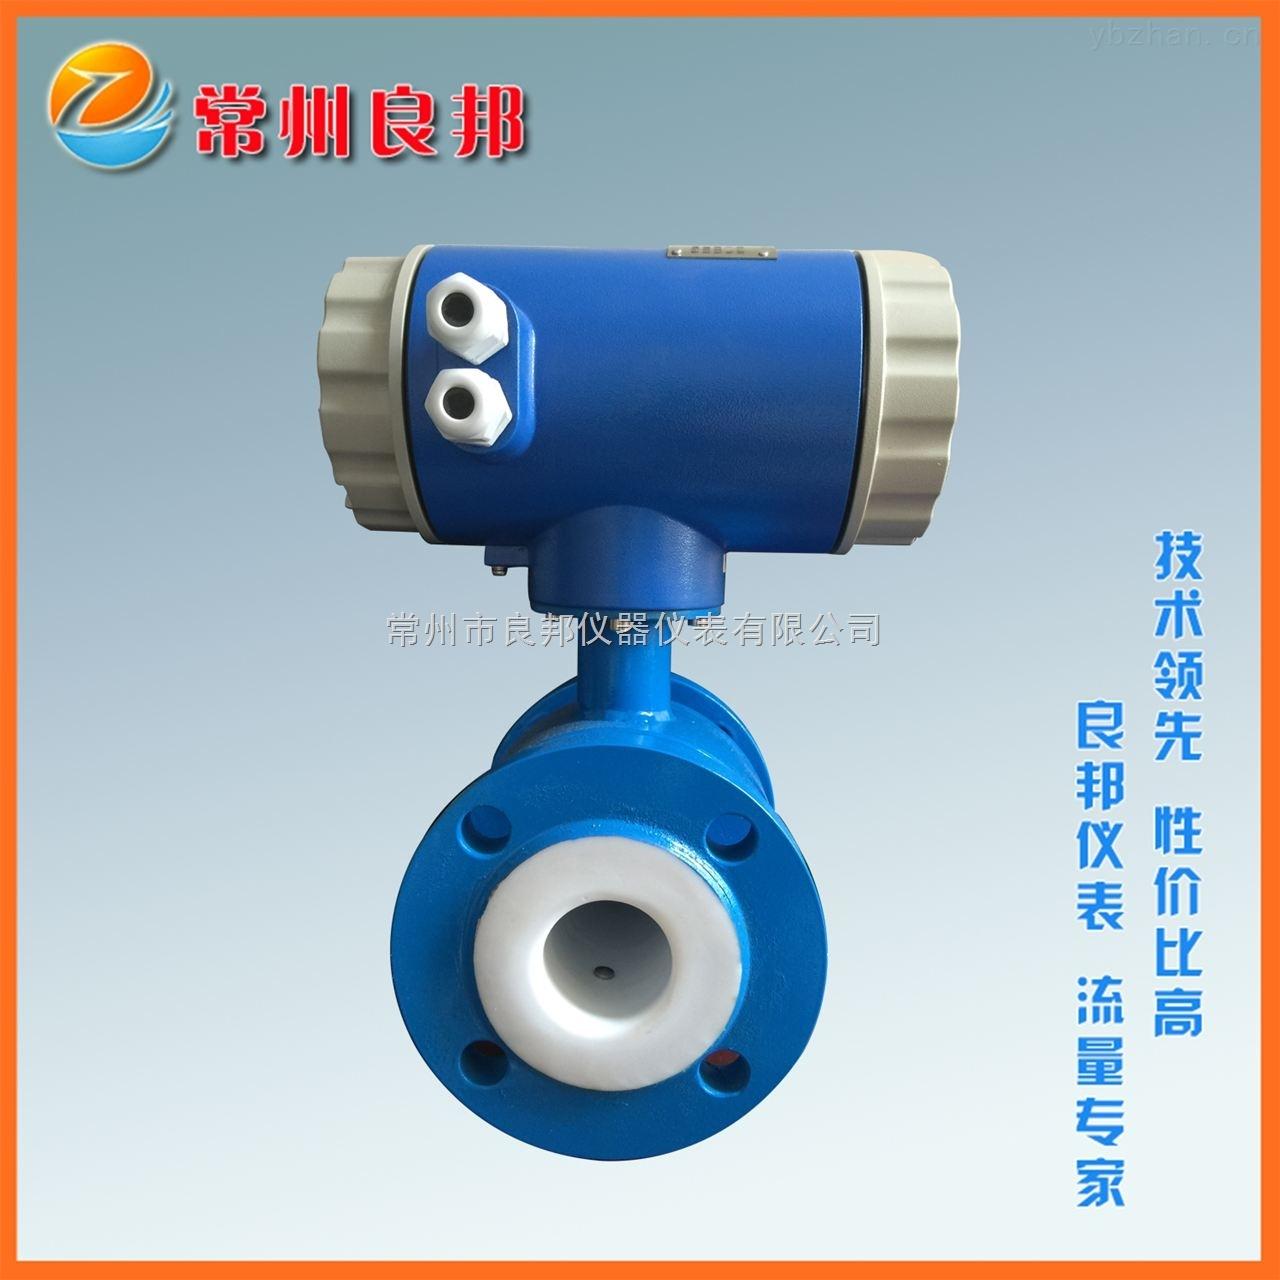 液体电磁流量计 220V供电液晶显示内衬四氟铂电极 化工厂耐腐蚀价格实惠